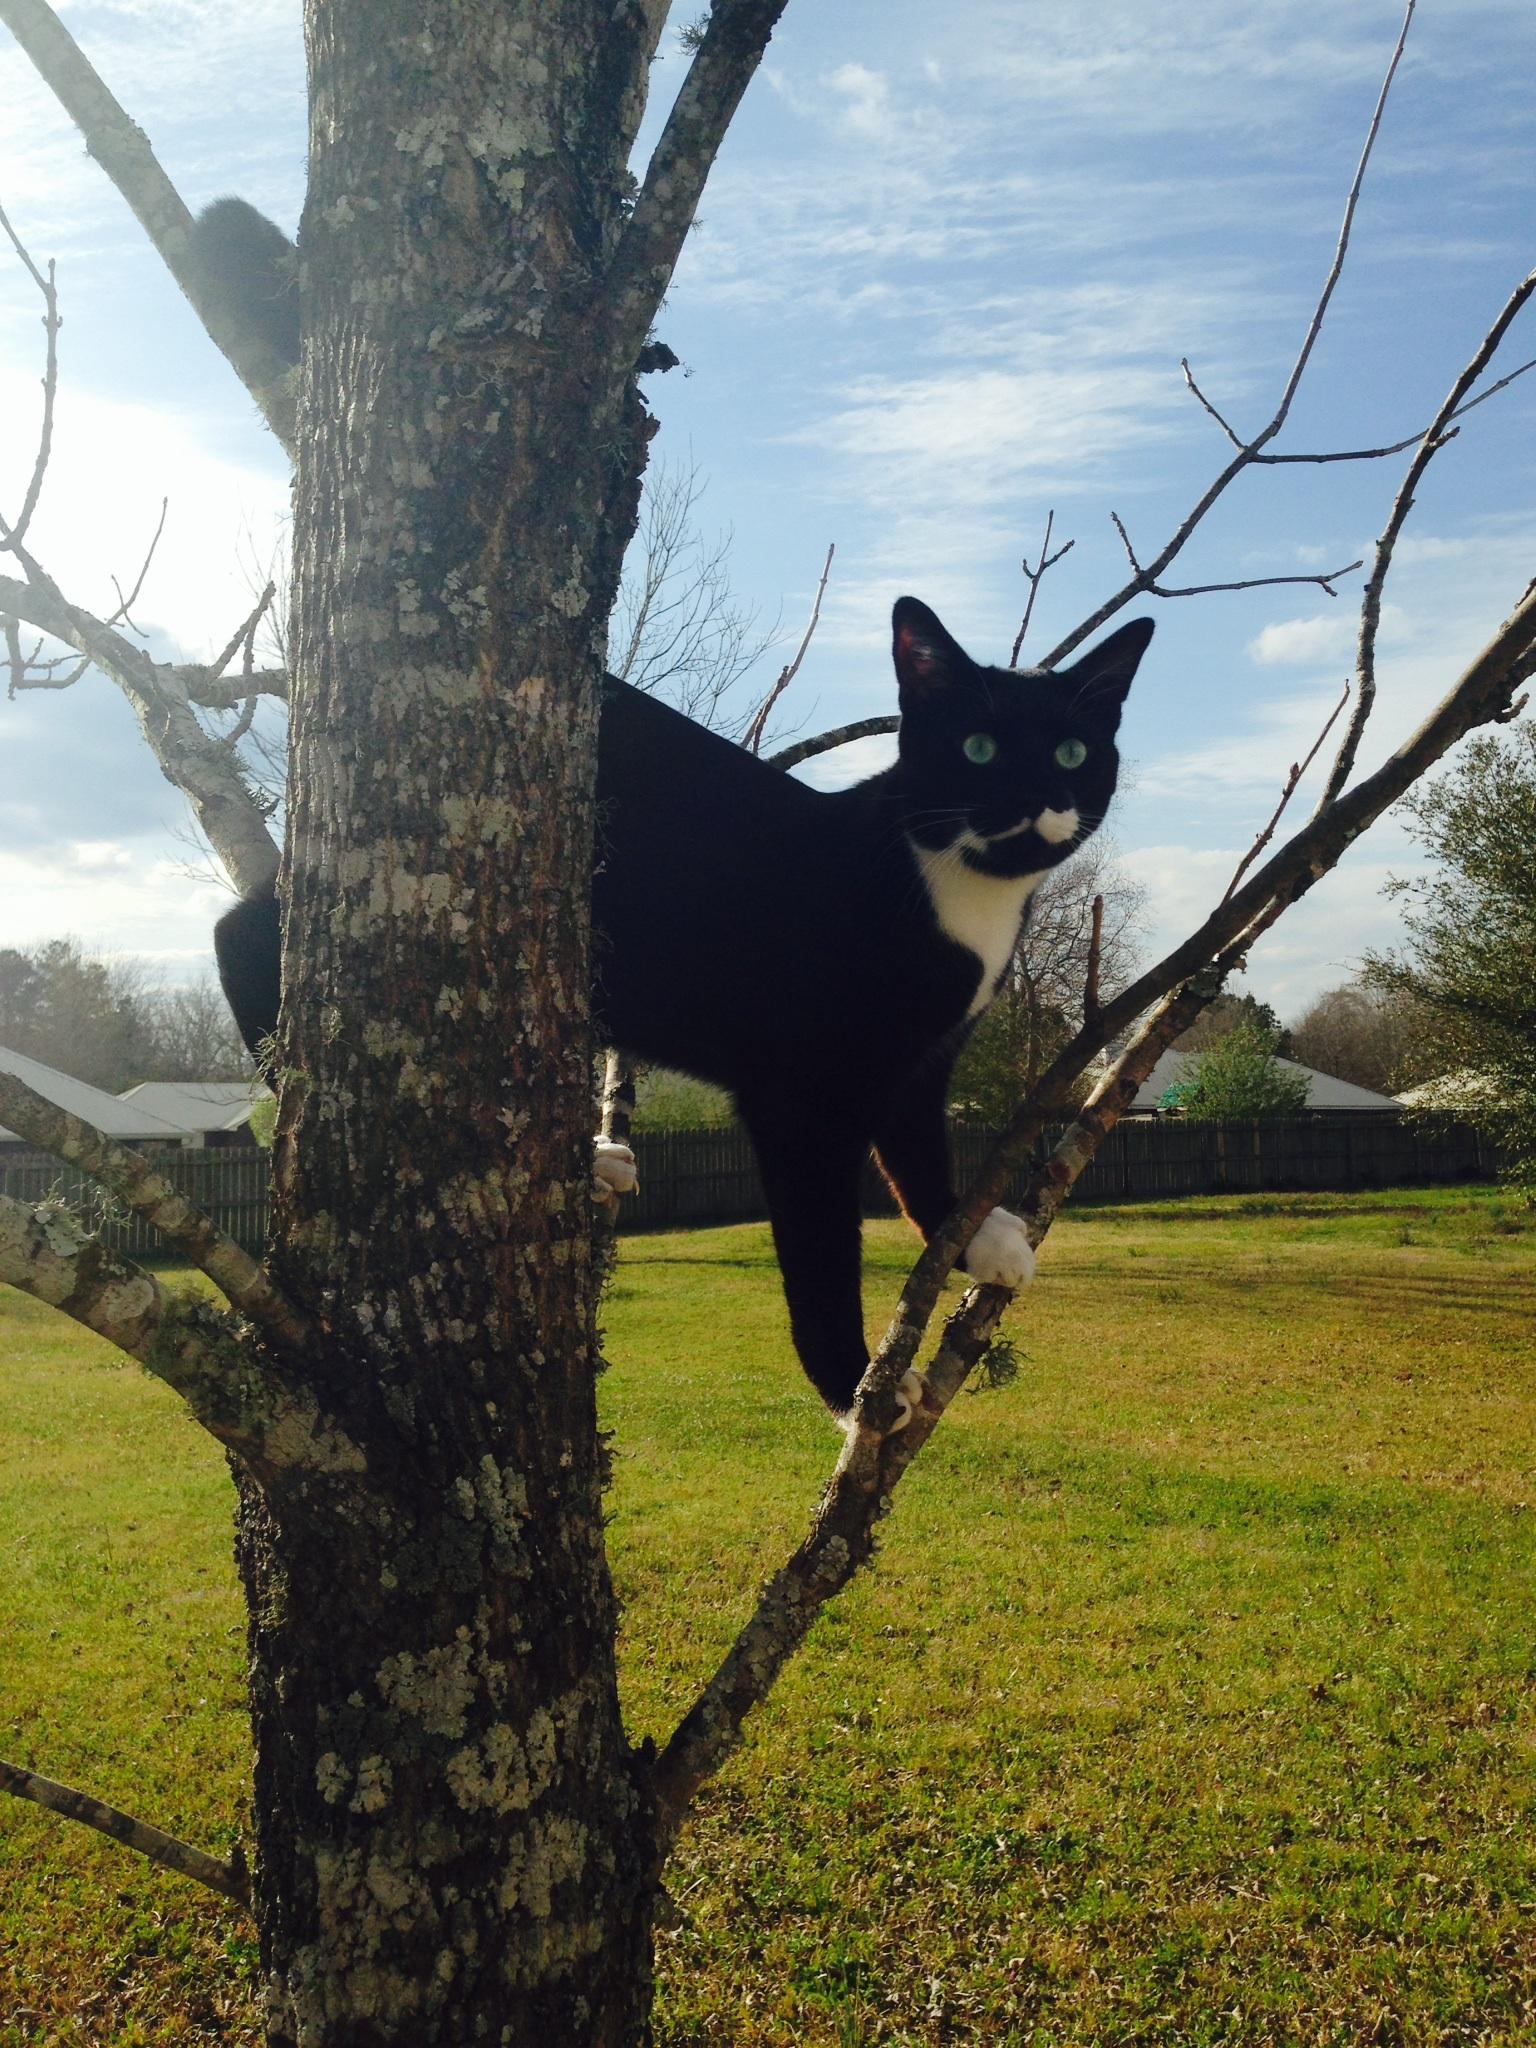 Jack Cat March 14